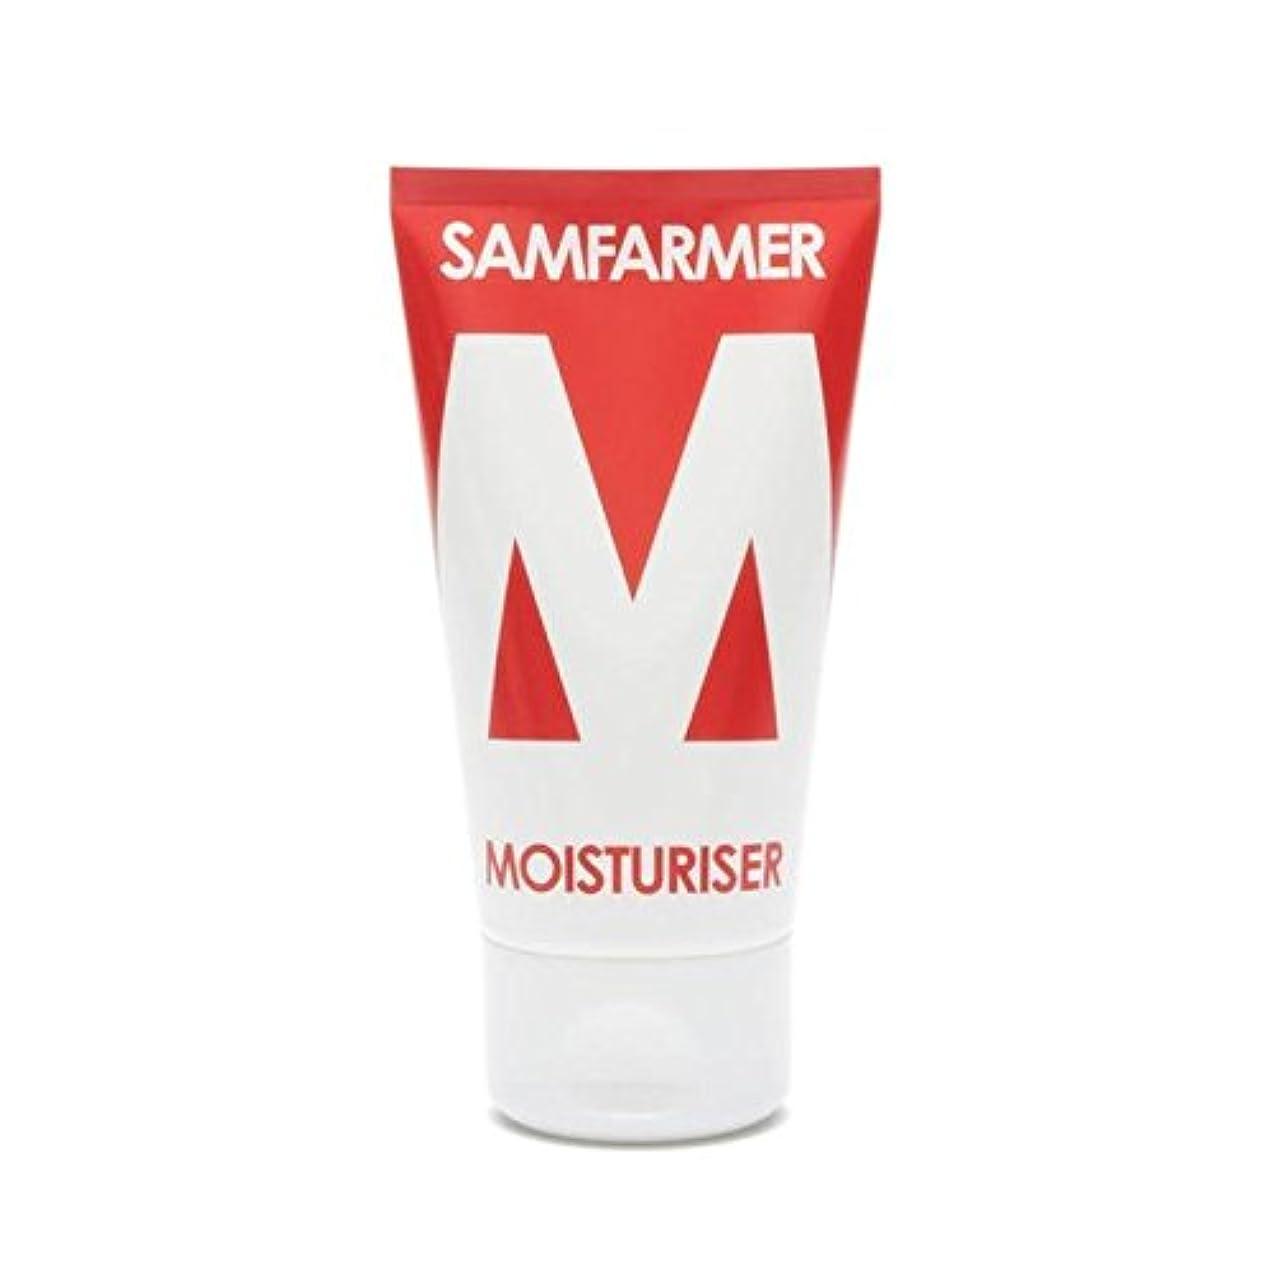 四半期規定メインユニセックス保湿50ミリリットル x2 - SAMFARMER Unisex Moisturiser 50ml (Pack of 2) [並行輸入品]